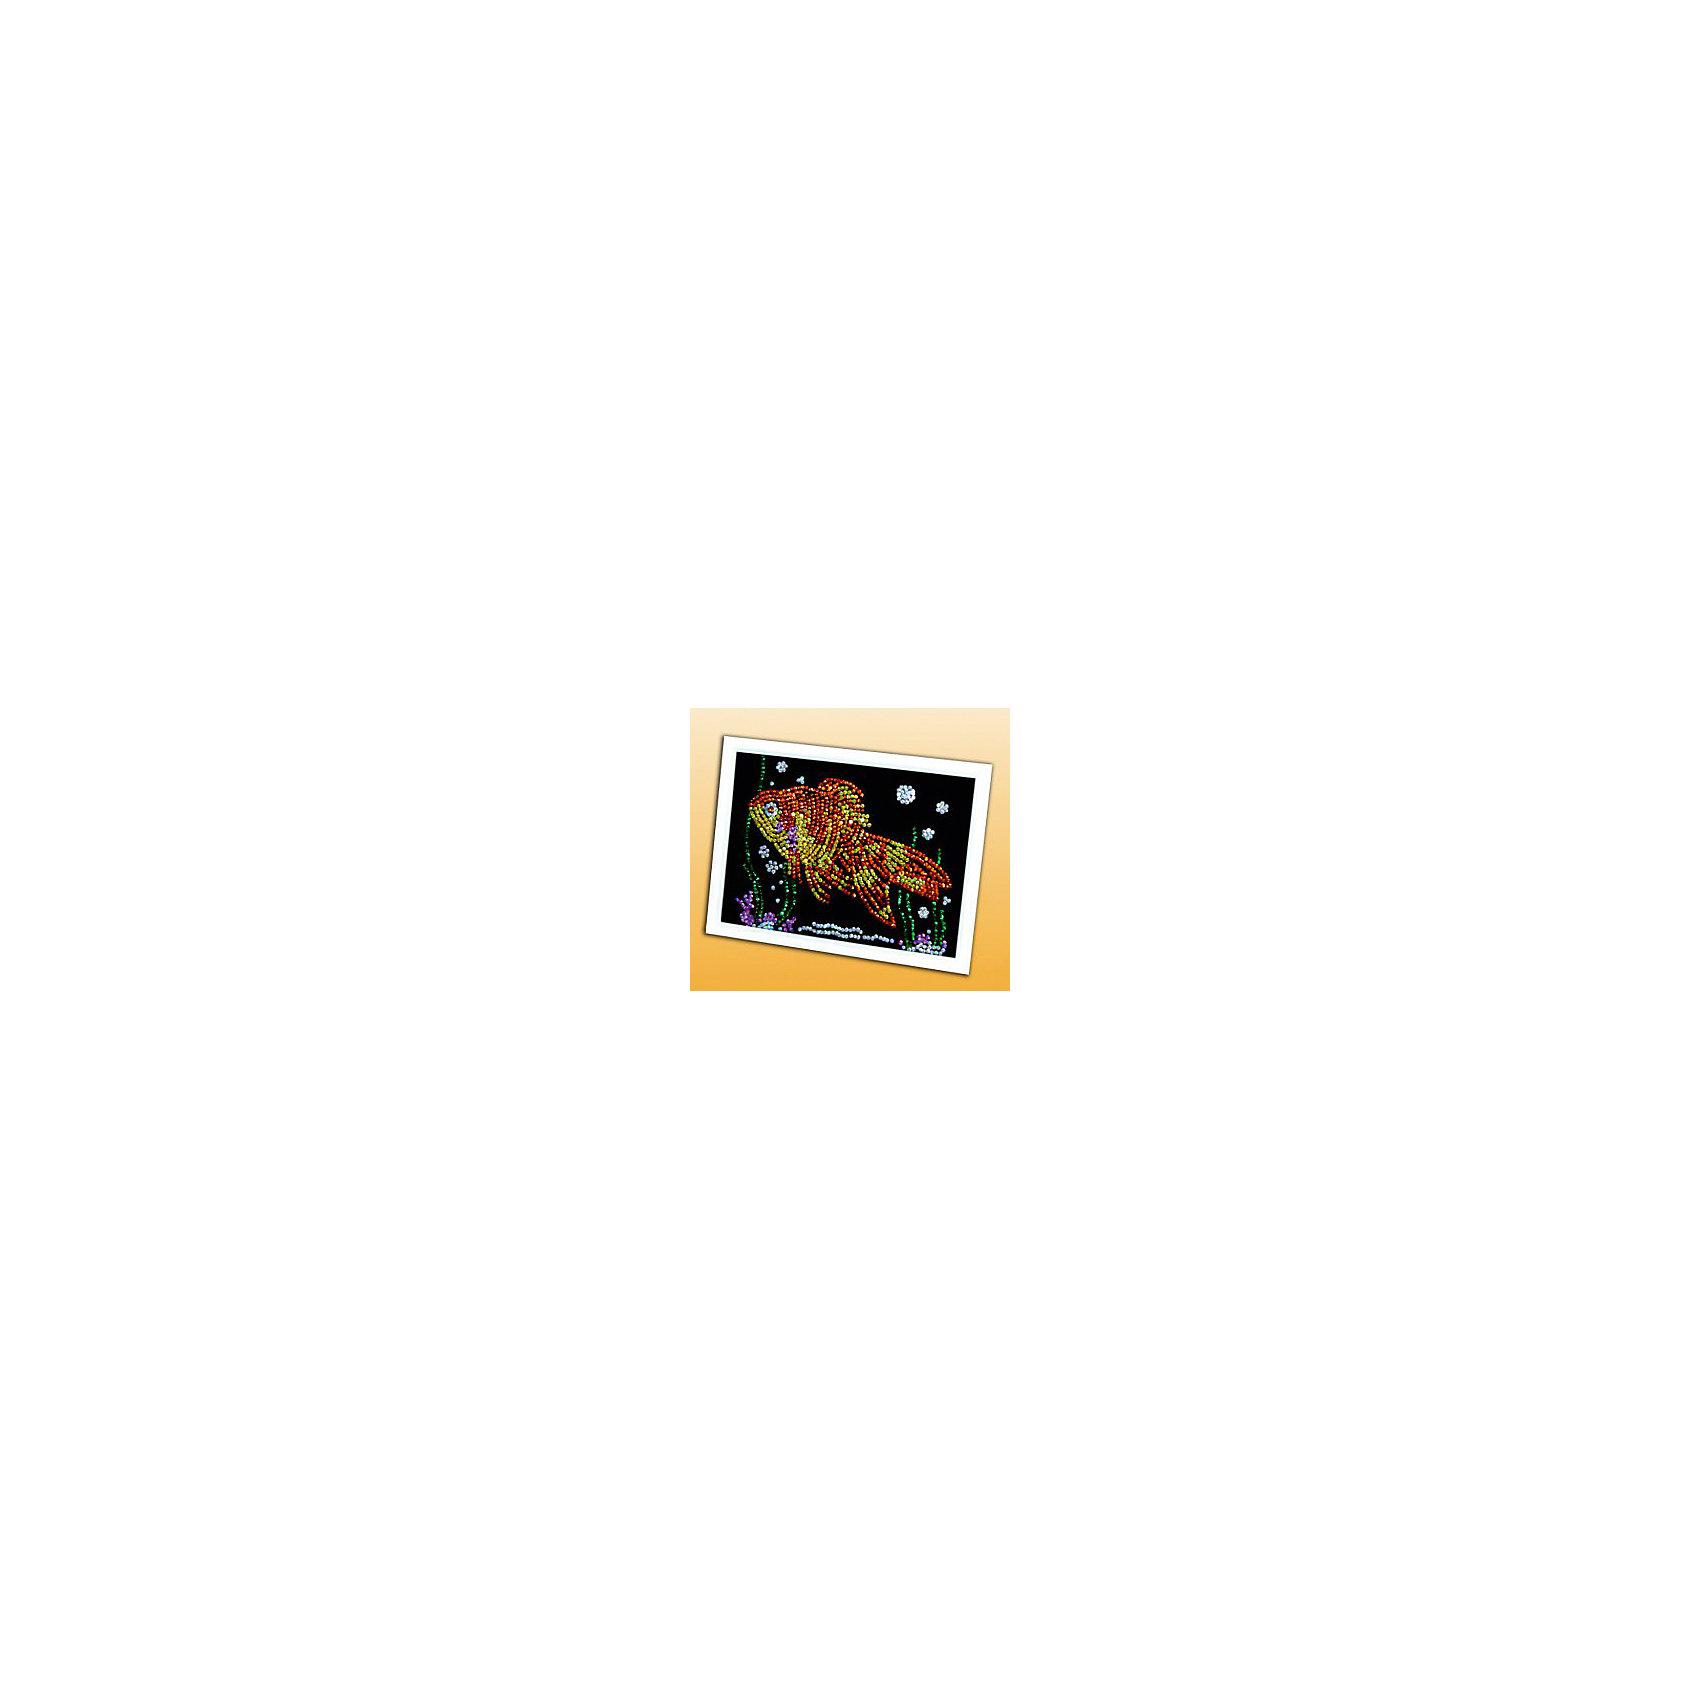 Волшебная мастерская Мозаика из пайеток Золотая рыбка мозайка из пайеток волшебная мастерская рыбка 3d 04